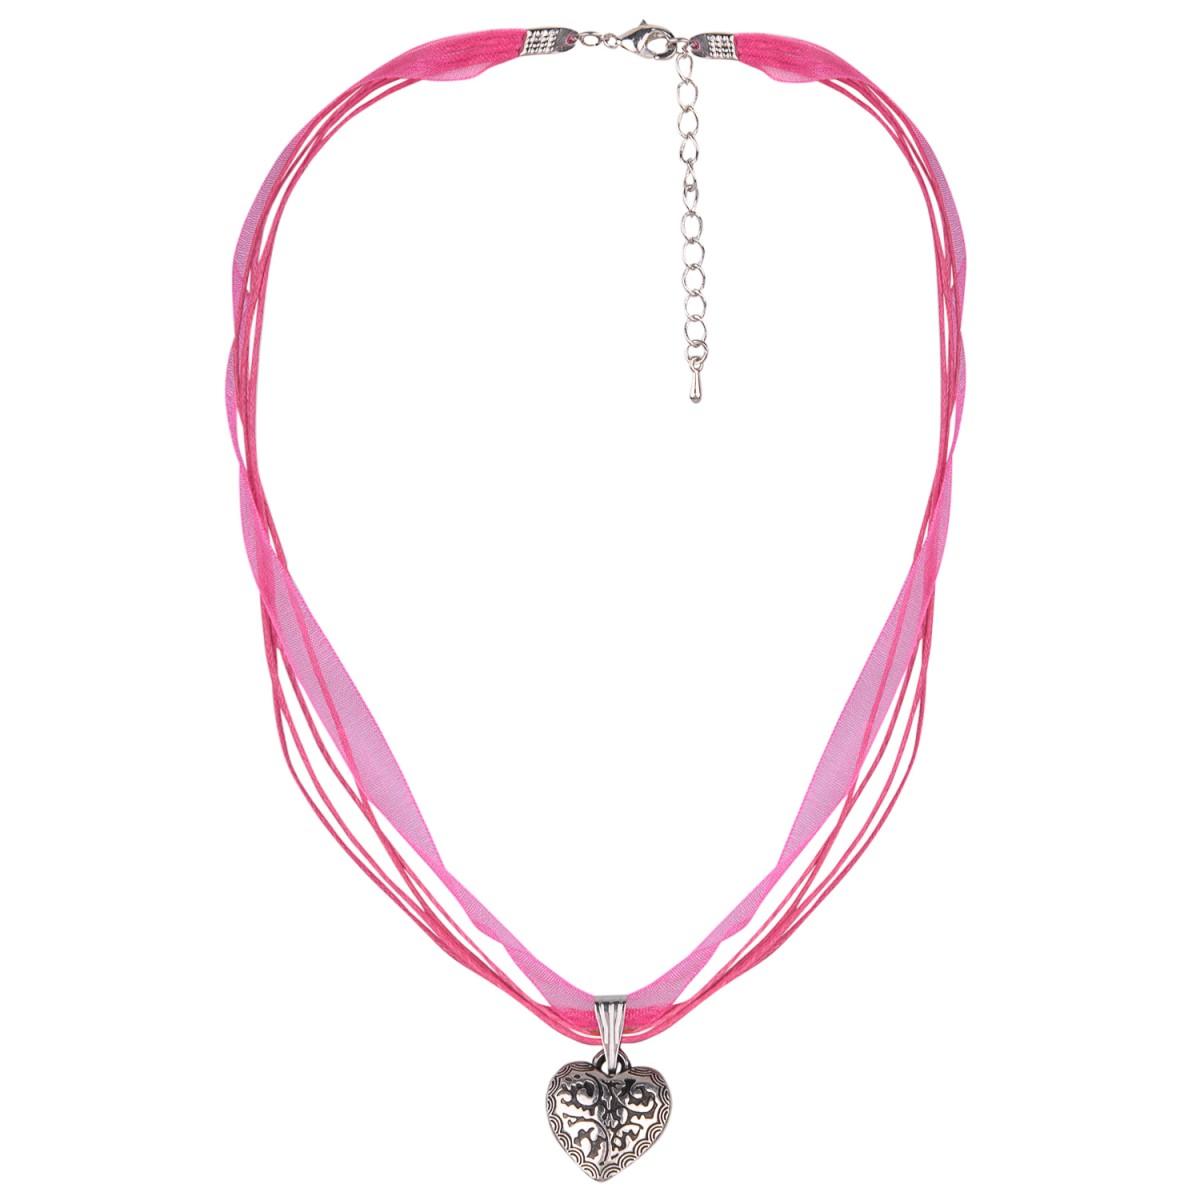 Halskette in Pink mit 4 Bändern und Herzanhänger von Schlick Accessoires günstig online kaufen